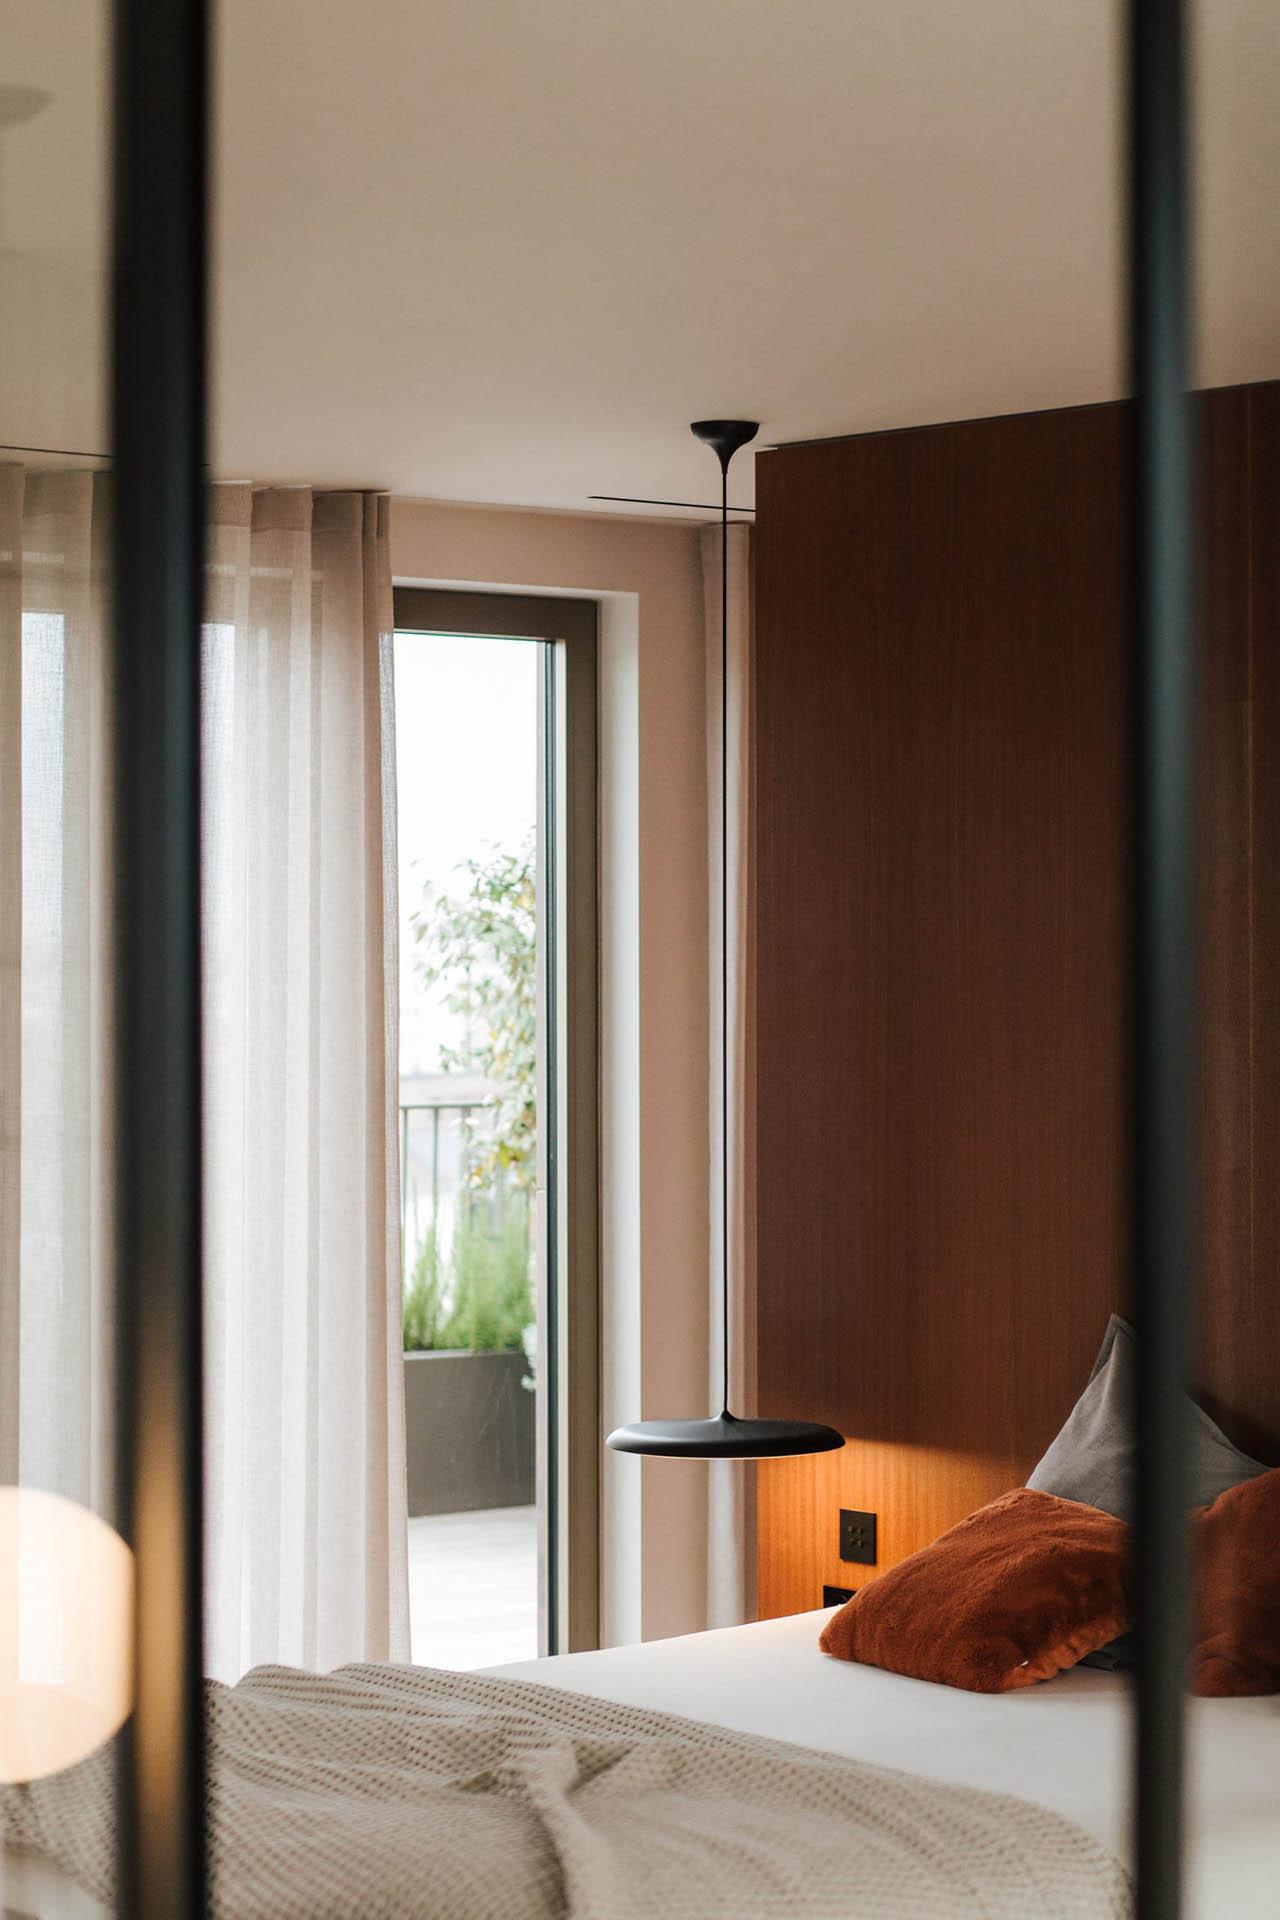 belgian-penthouse-ad-jo-studio_dezeen_4